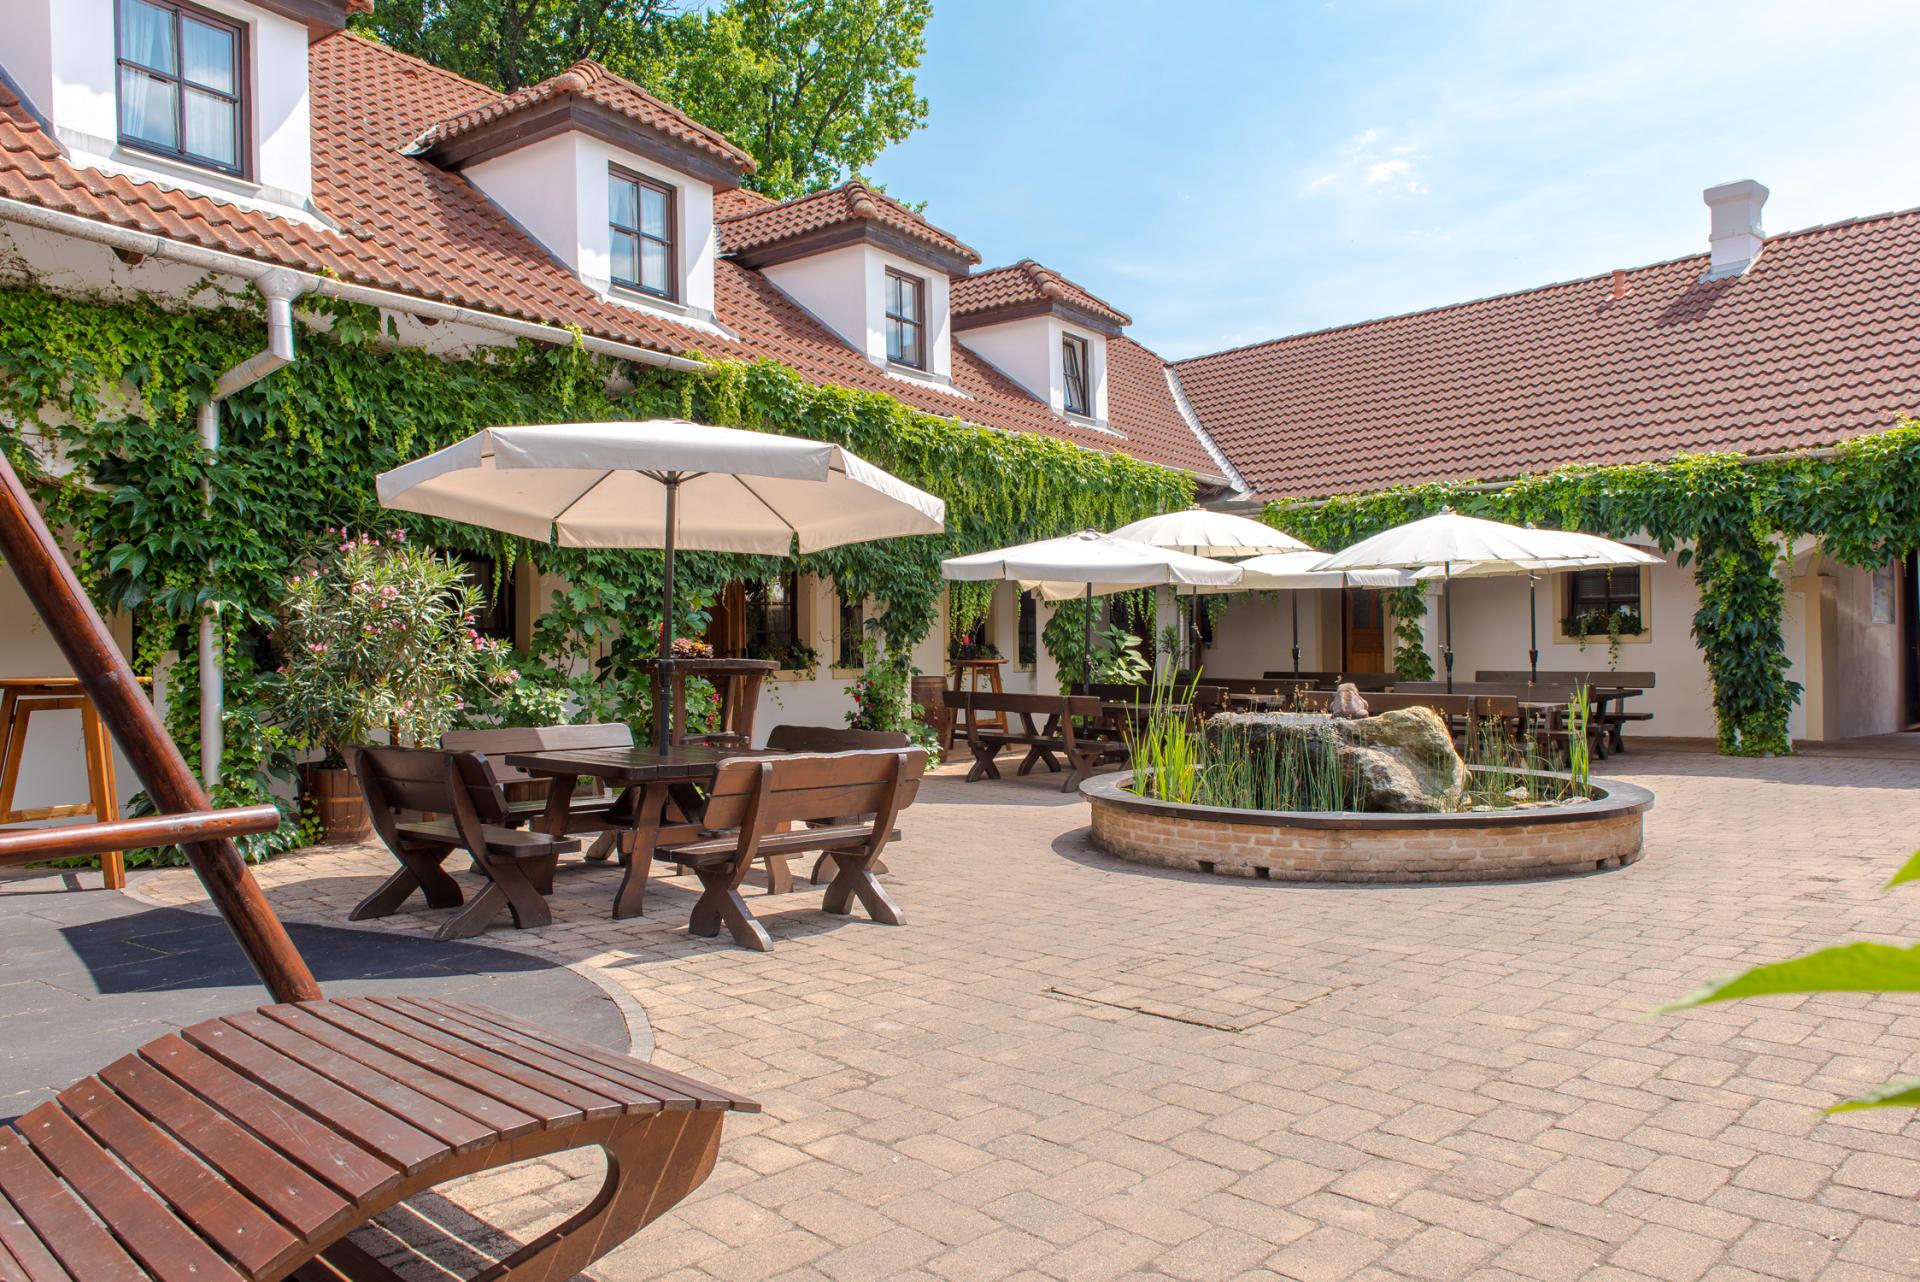 Heuriger und Gästezimmer Weingut Burger - Arkadenhof